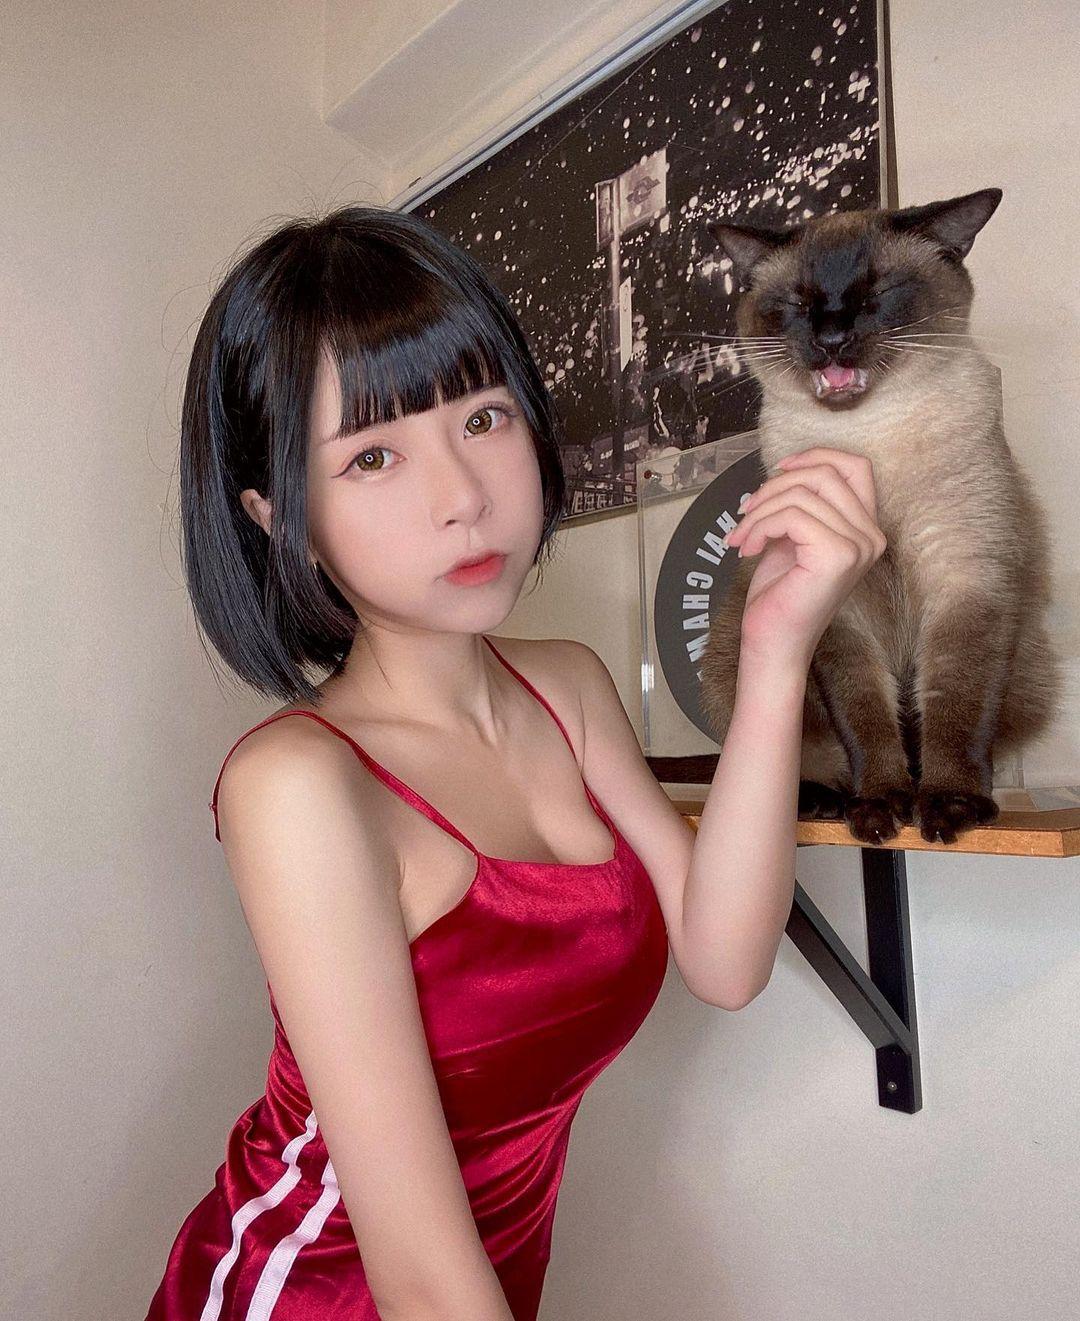 短发正妹赵宇乔(chubby糖)脸蛋甜美和身形窈窕,紧身运动装辣翻!-新图包